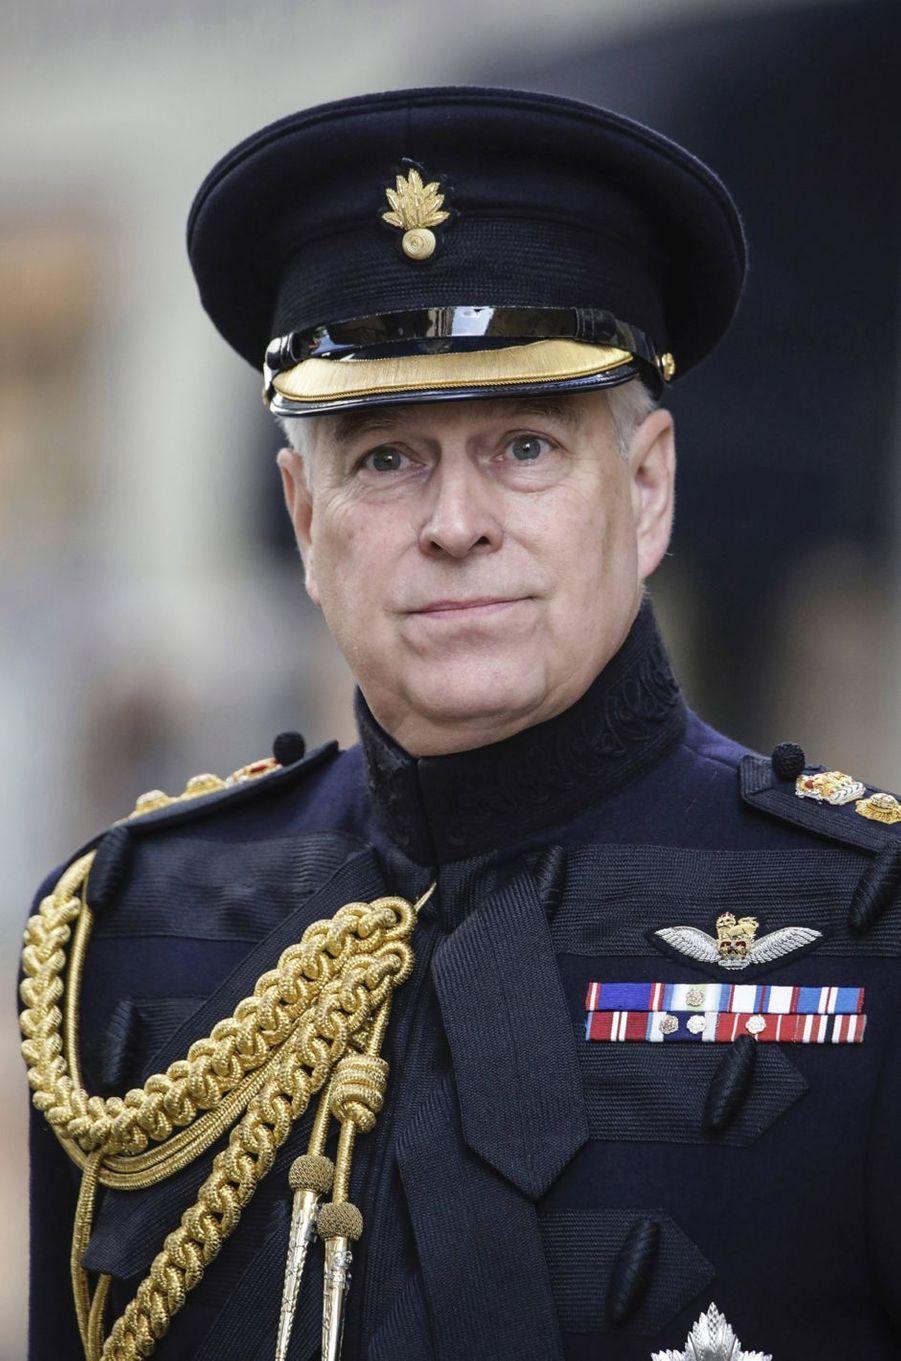 Le prince Andrew, duc d'York, (ici le 7 septembre 2019) va fêter ses 60 ans en 2020